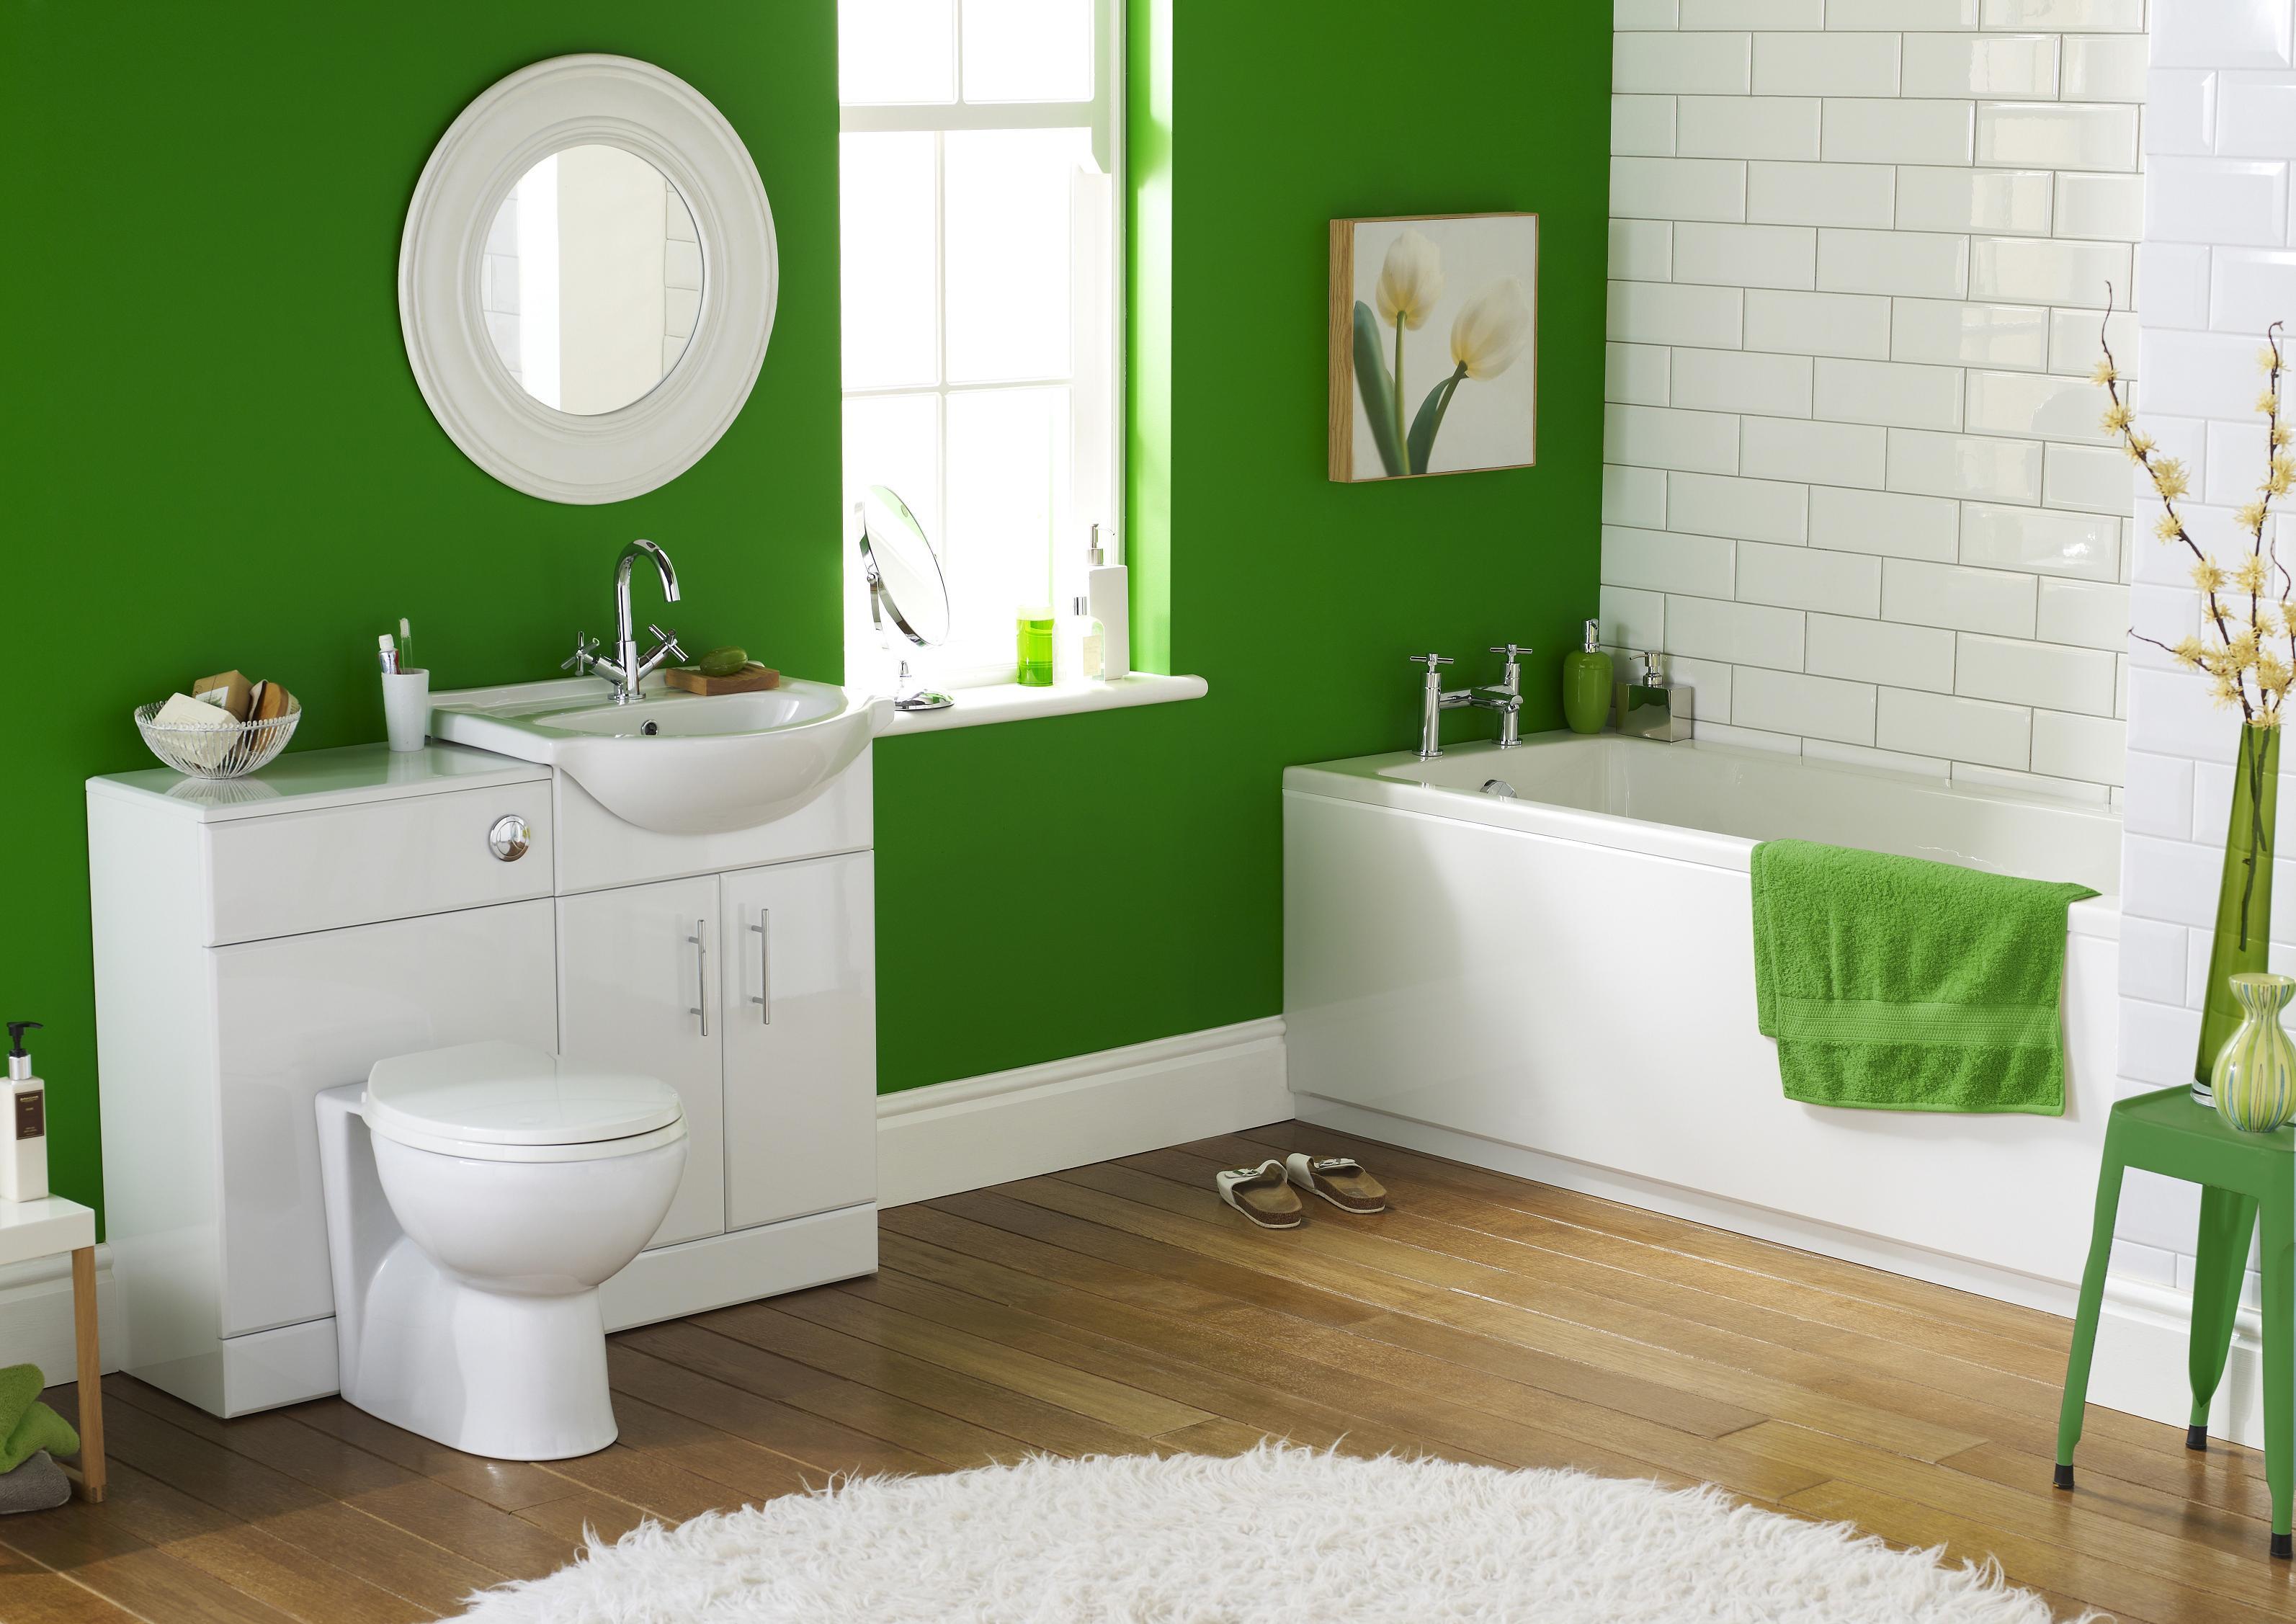 remont-vannoy-i-tualeta-variantyi-dizayna-14